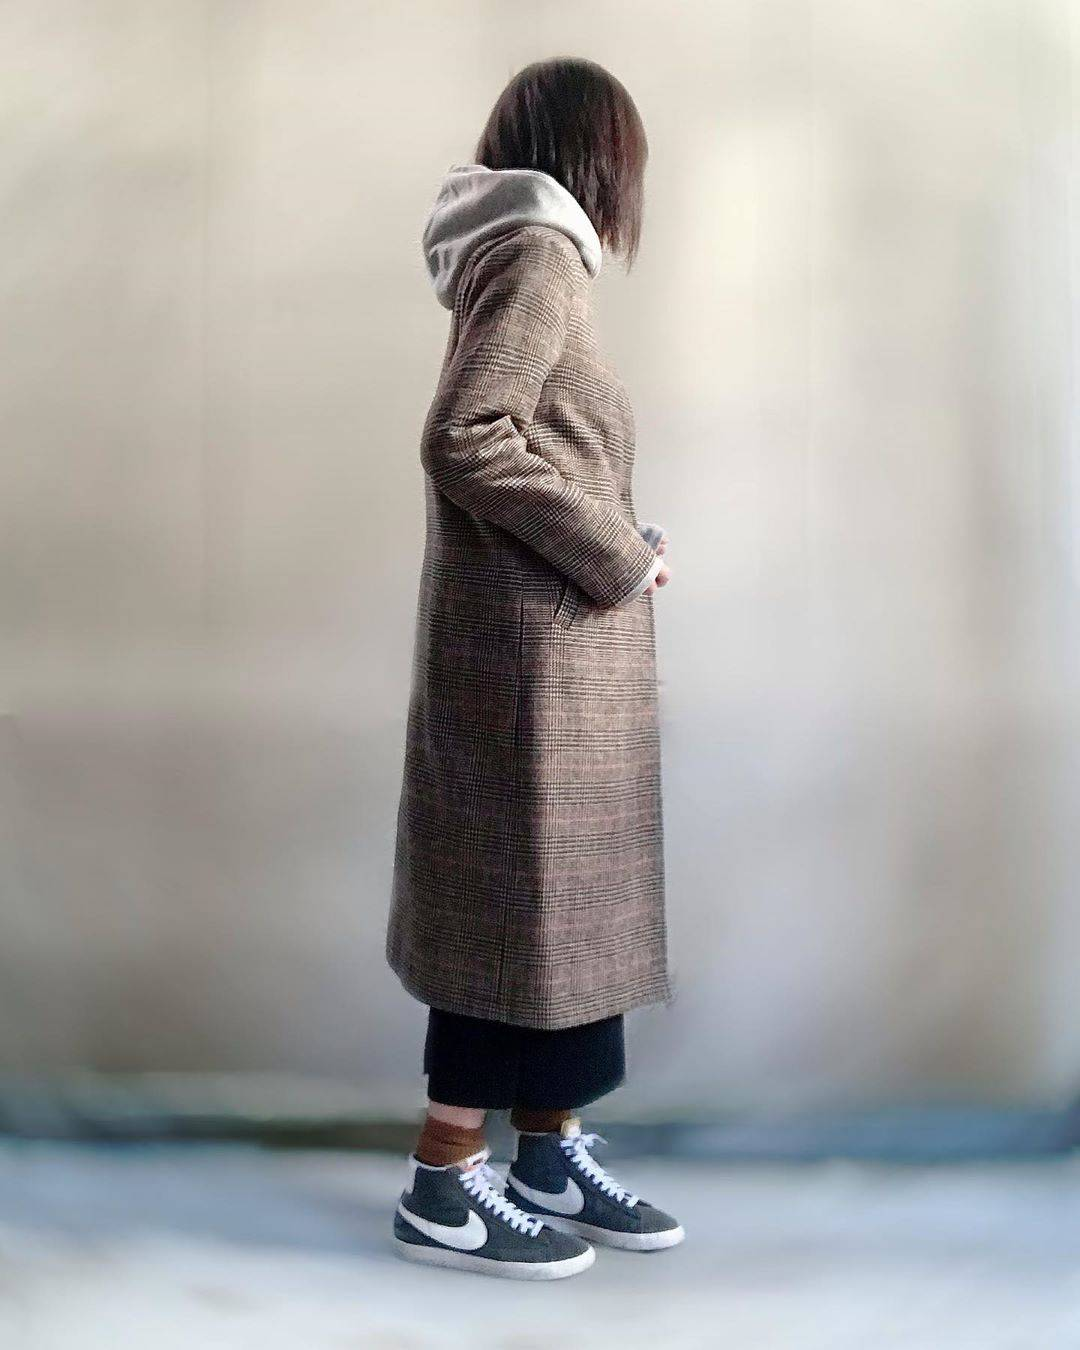 最高気温17度・最低気温9度 unange103の服装